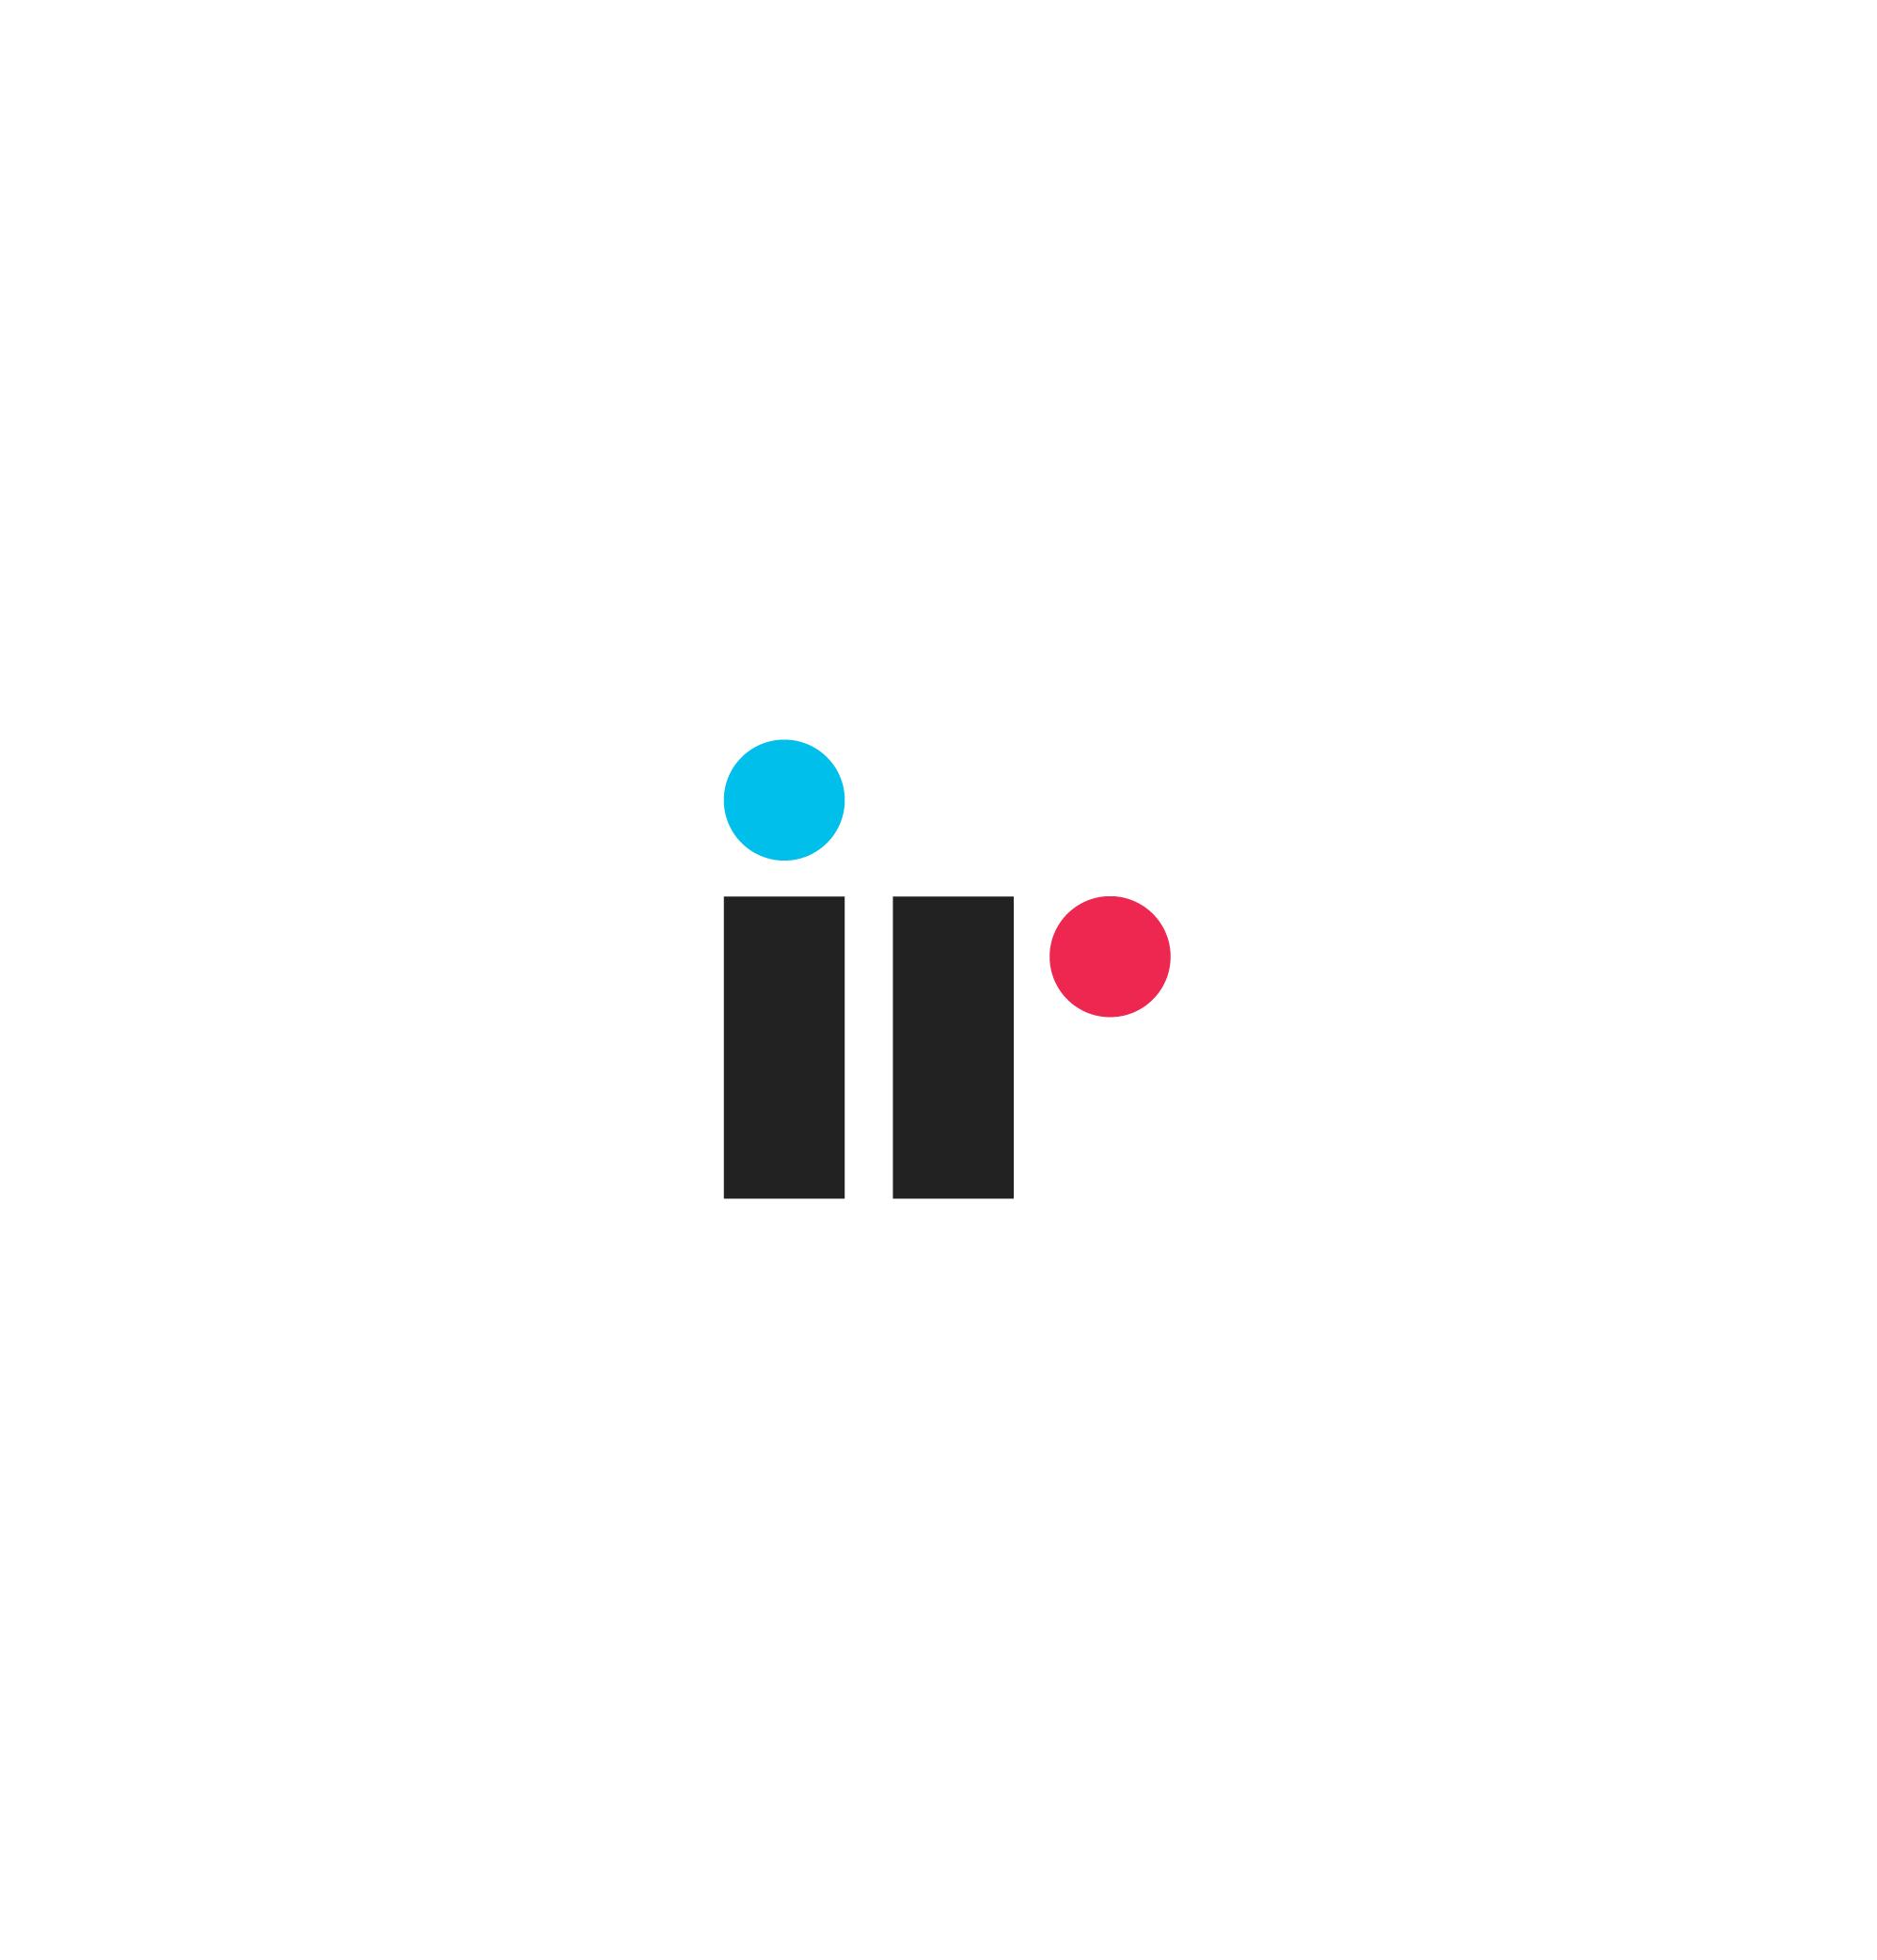 IR-01.png